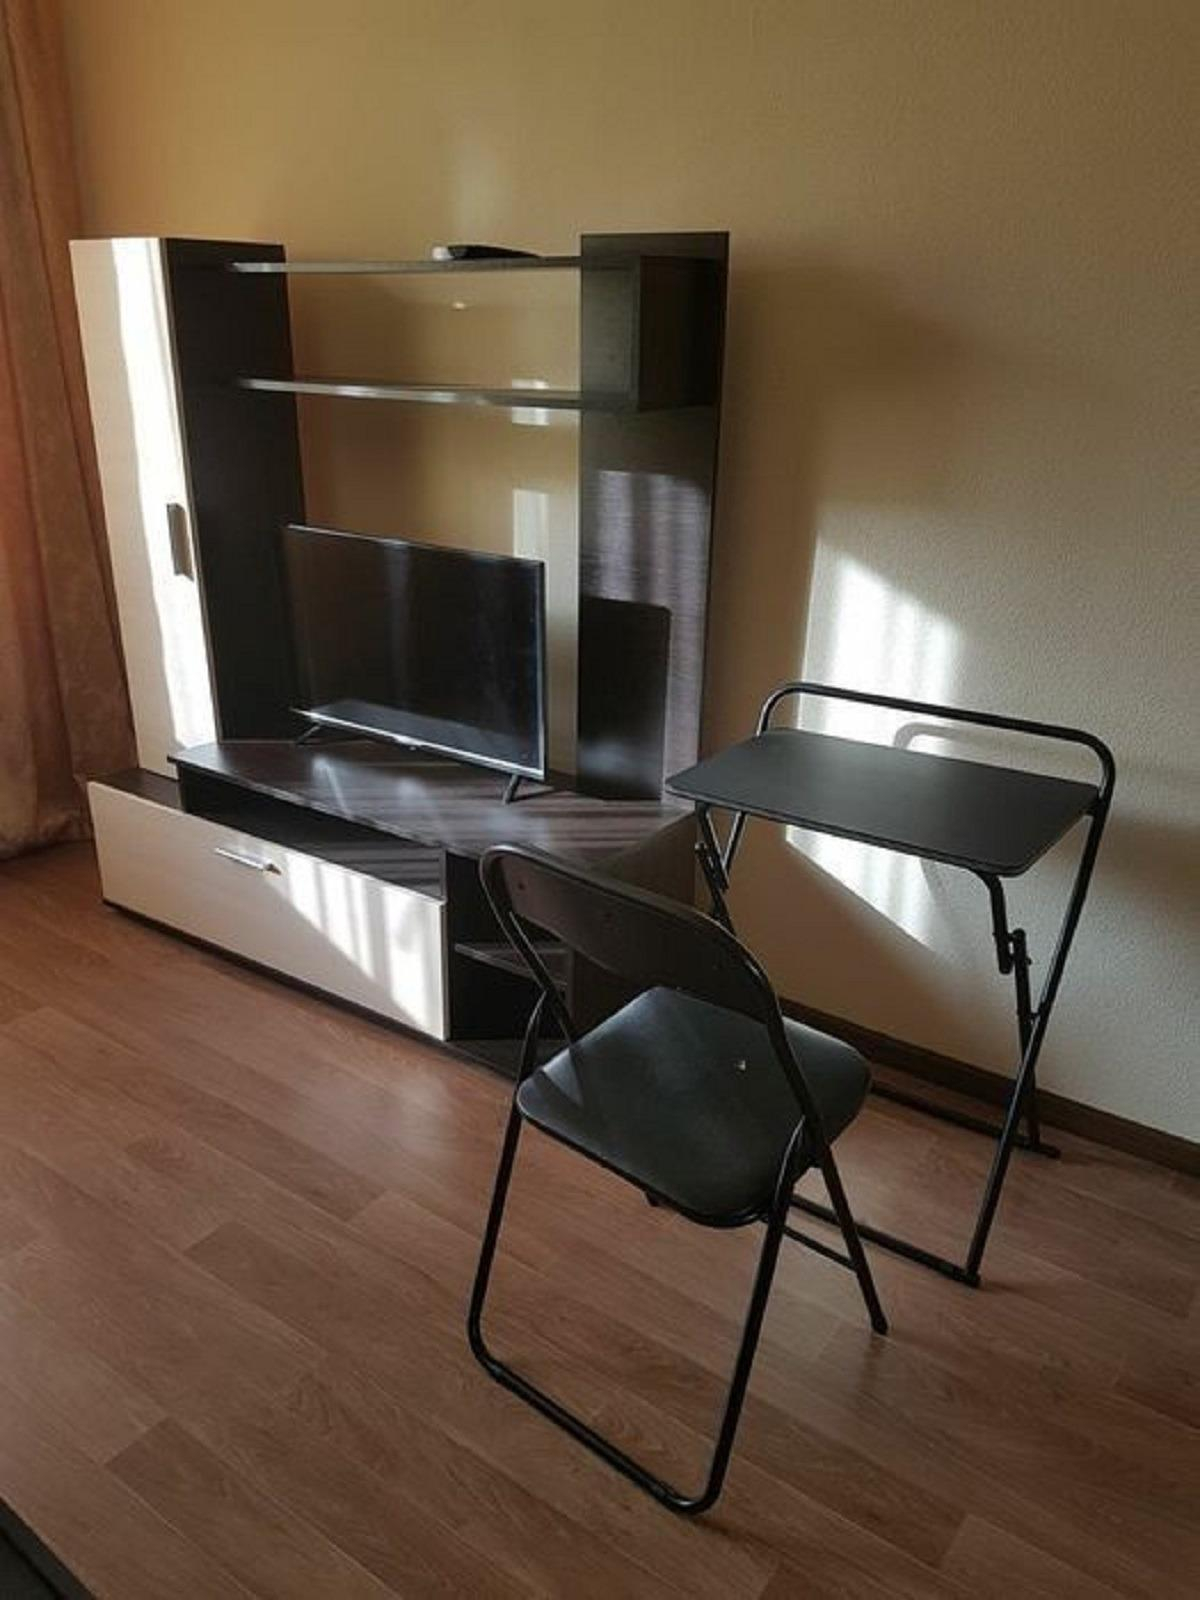 1к квартира Свободный проспект, 53 | 13000 | аренда в Красноярске фото 4